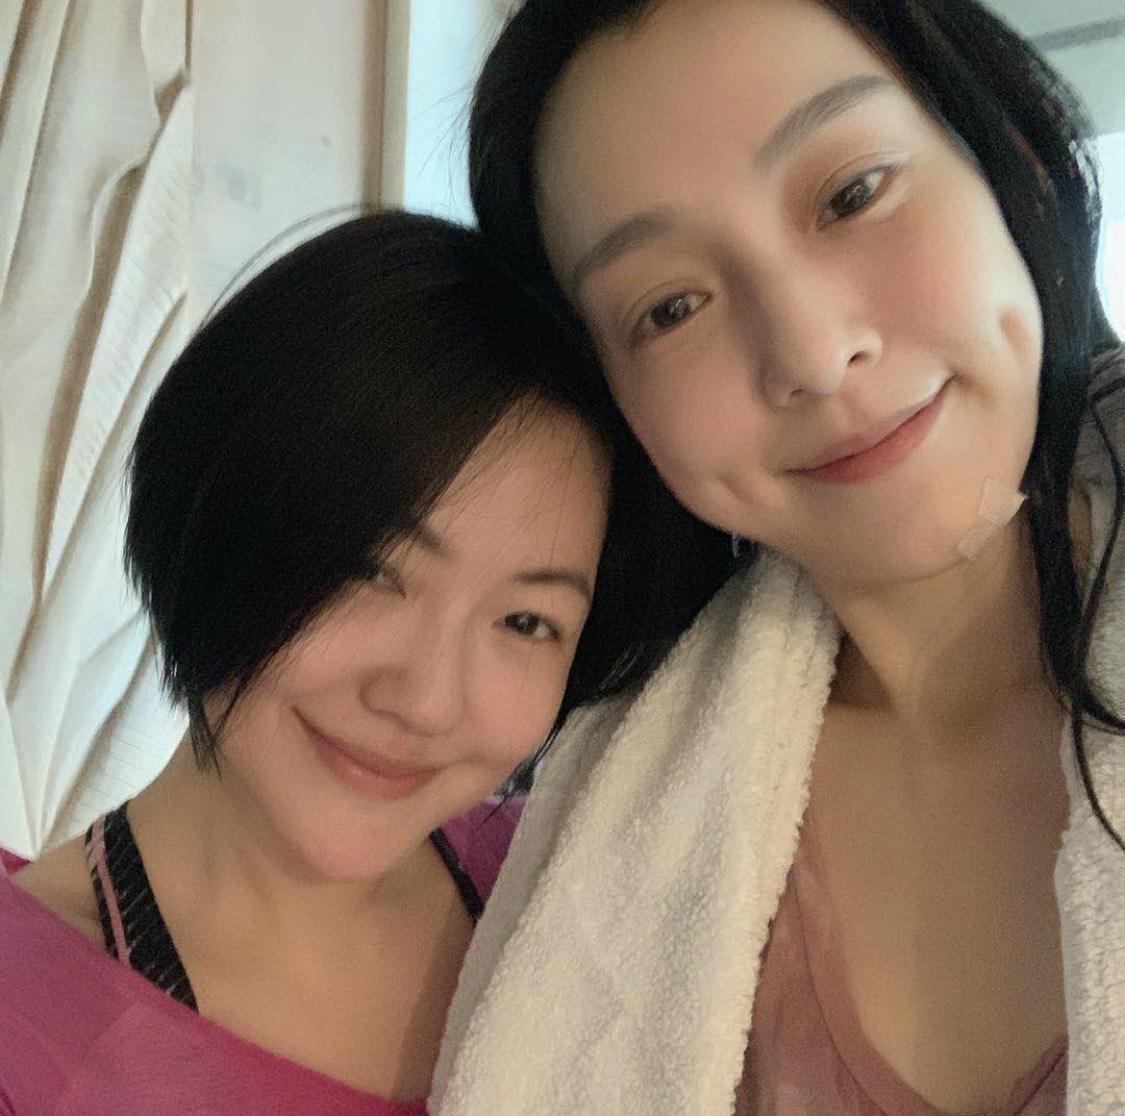 小S(左)心疼好友范瑋琪無辜遭網友圍剿。(翻攝自范瑋琪IG)